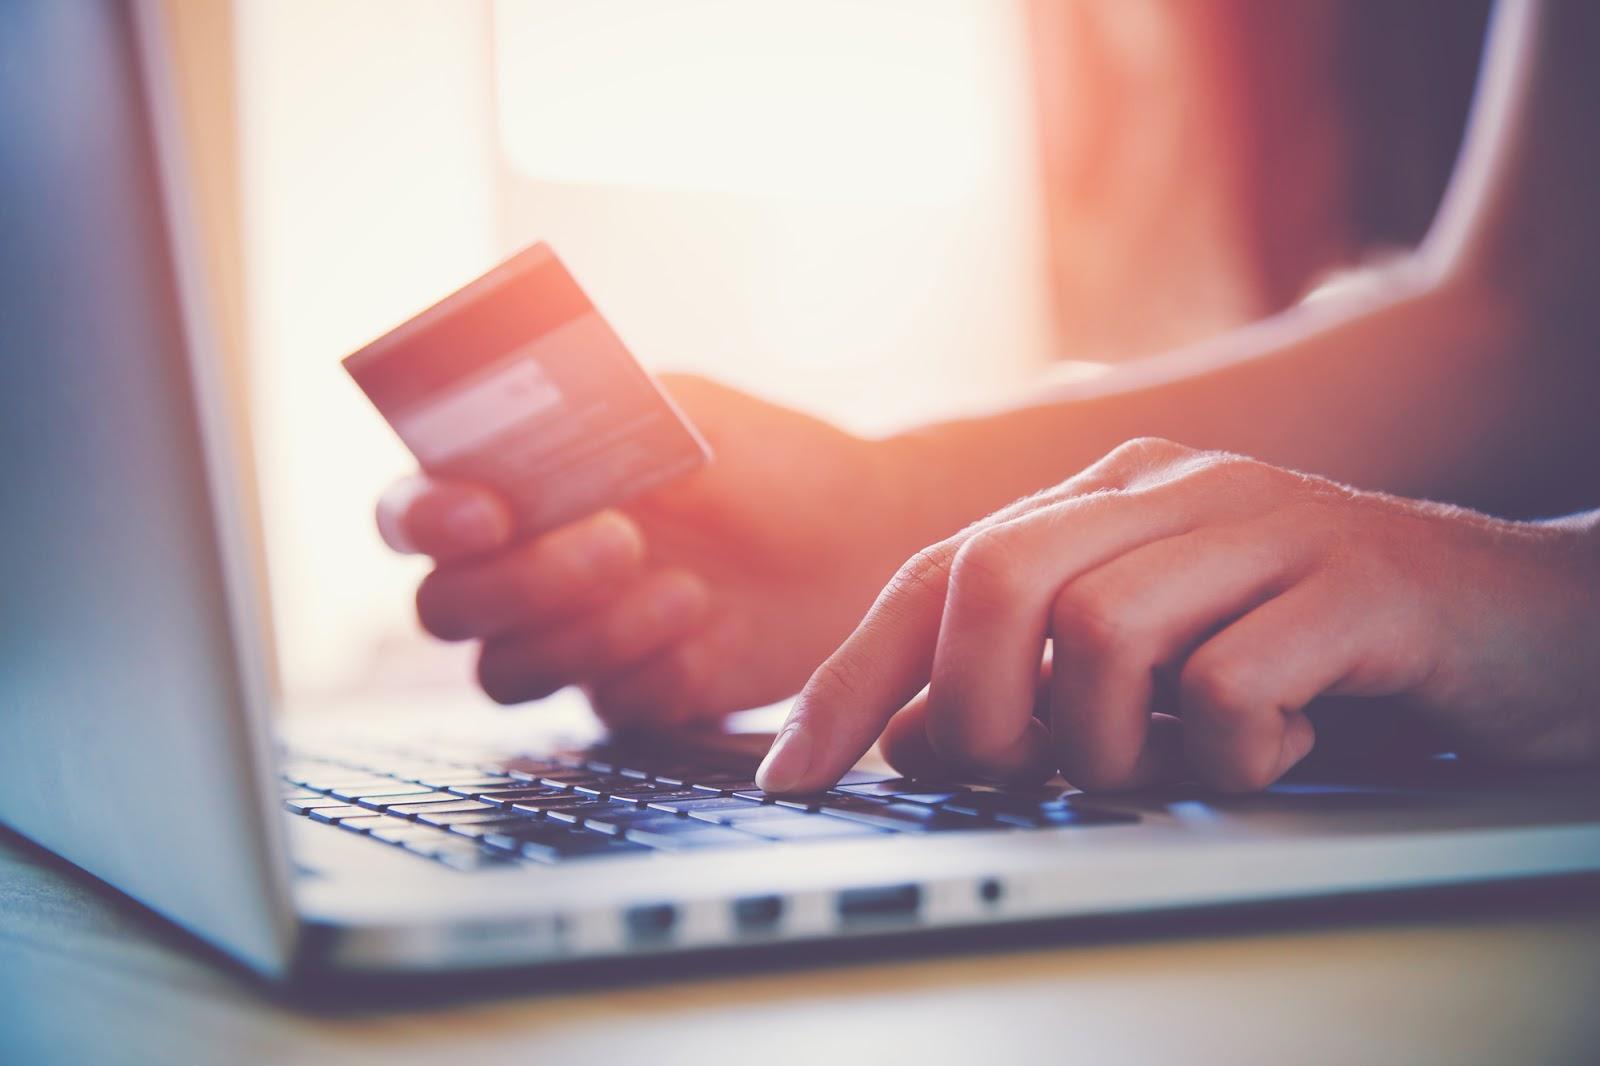 Як повернути частину грошей за покупки в інтернеті у 2020 році, фото-1